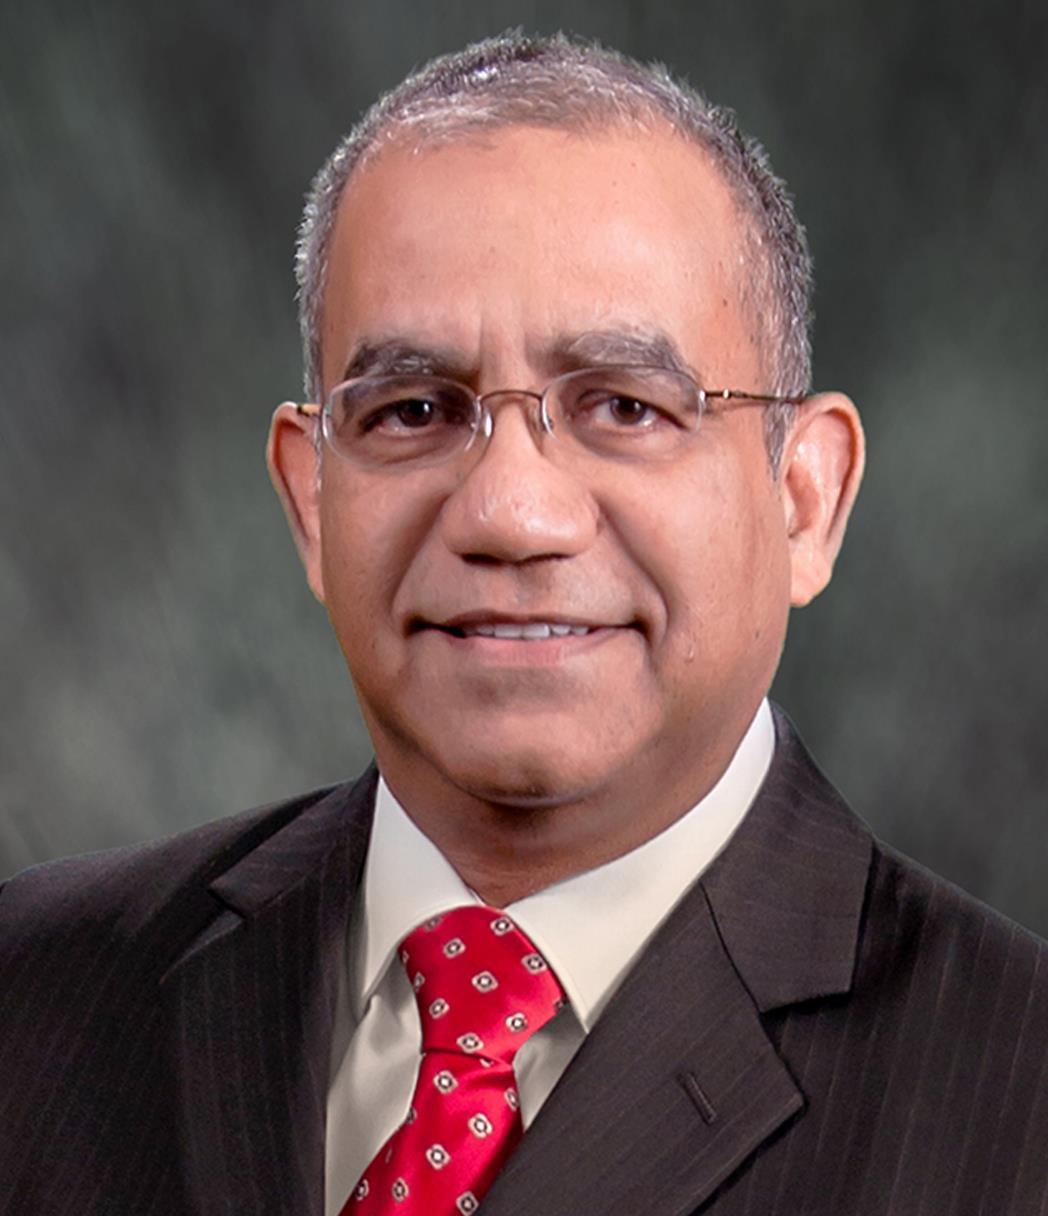 Dr. Kulschrestha